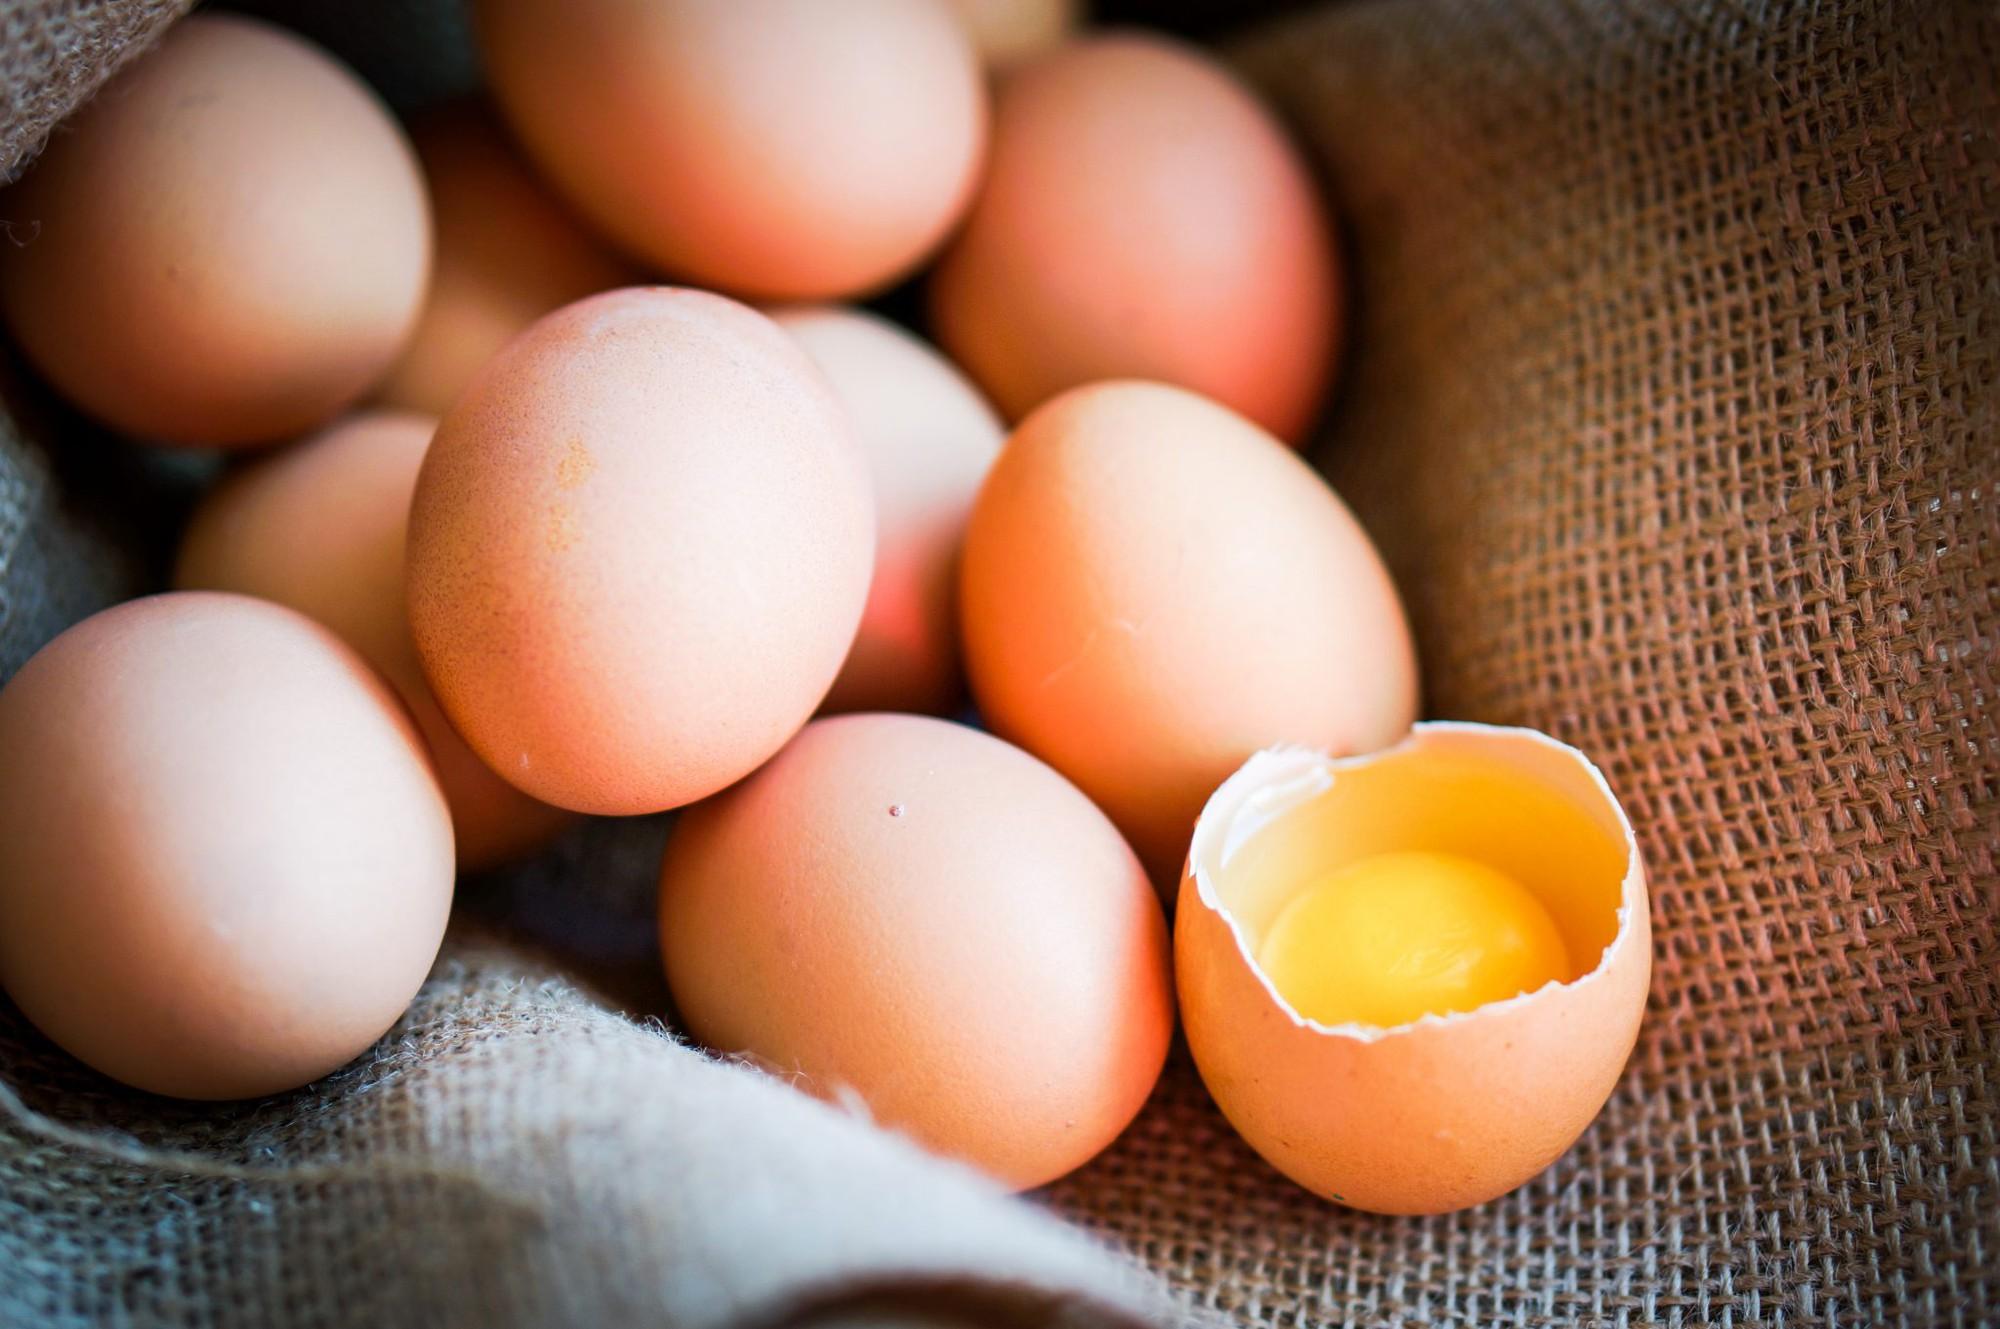 Đây là những lý do mà bạn nên bổ sung trứng vào thực đơn ăn kiêng của mình-5